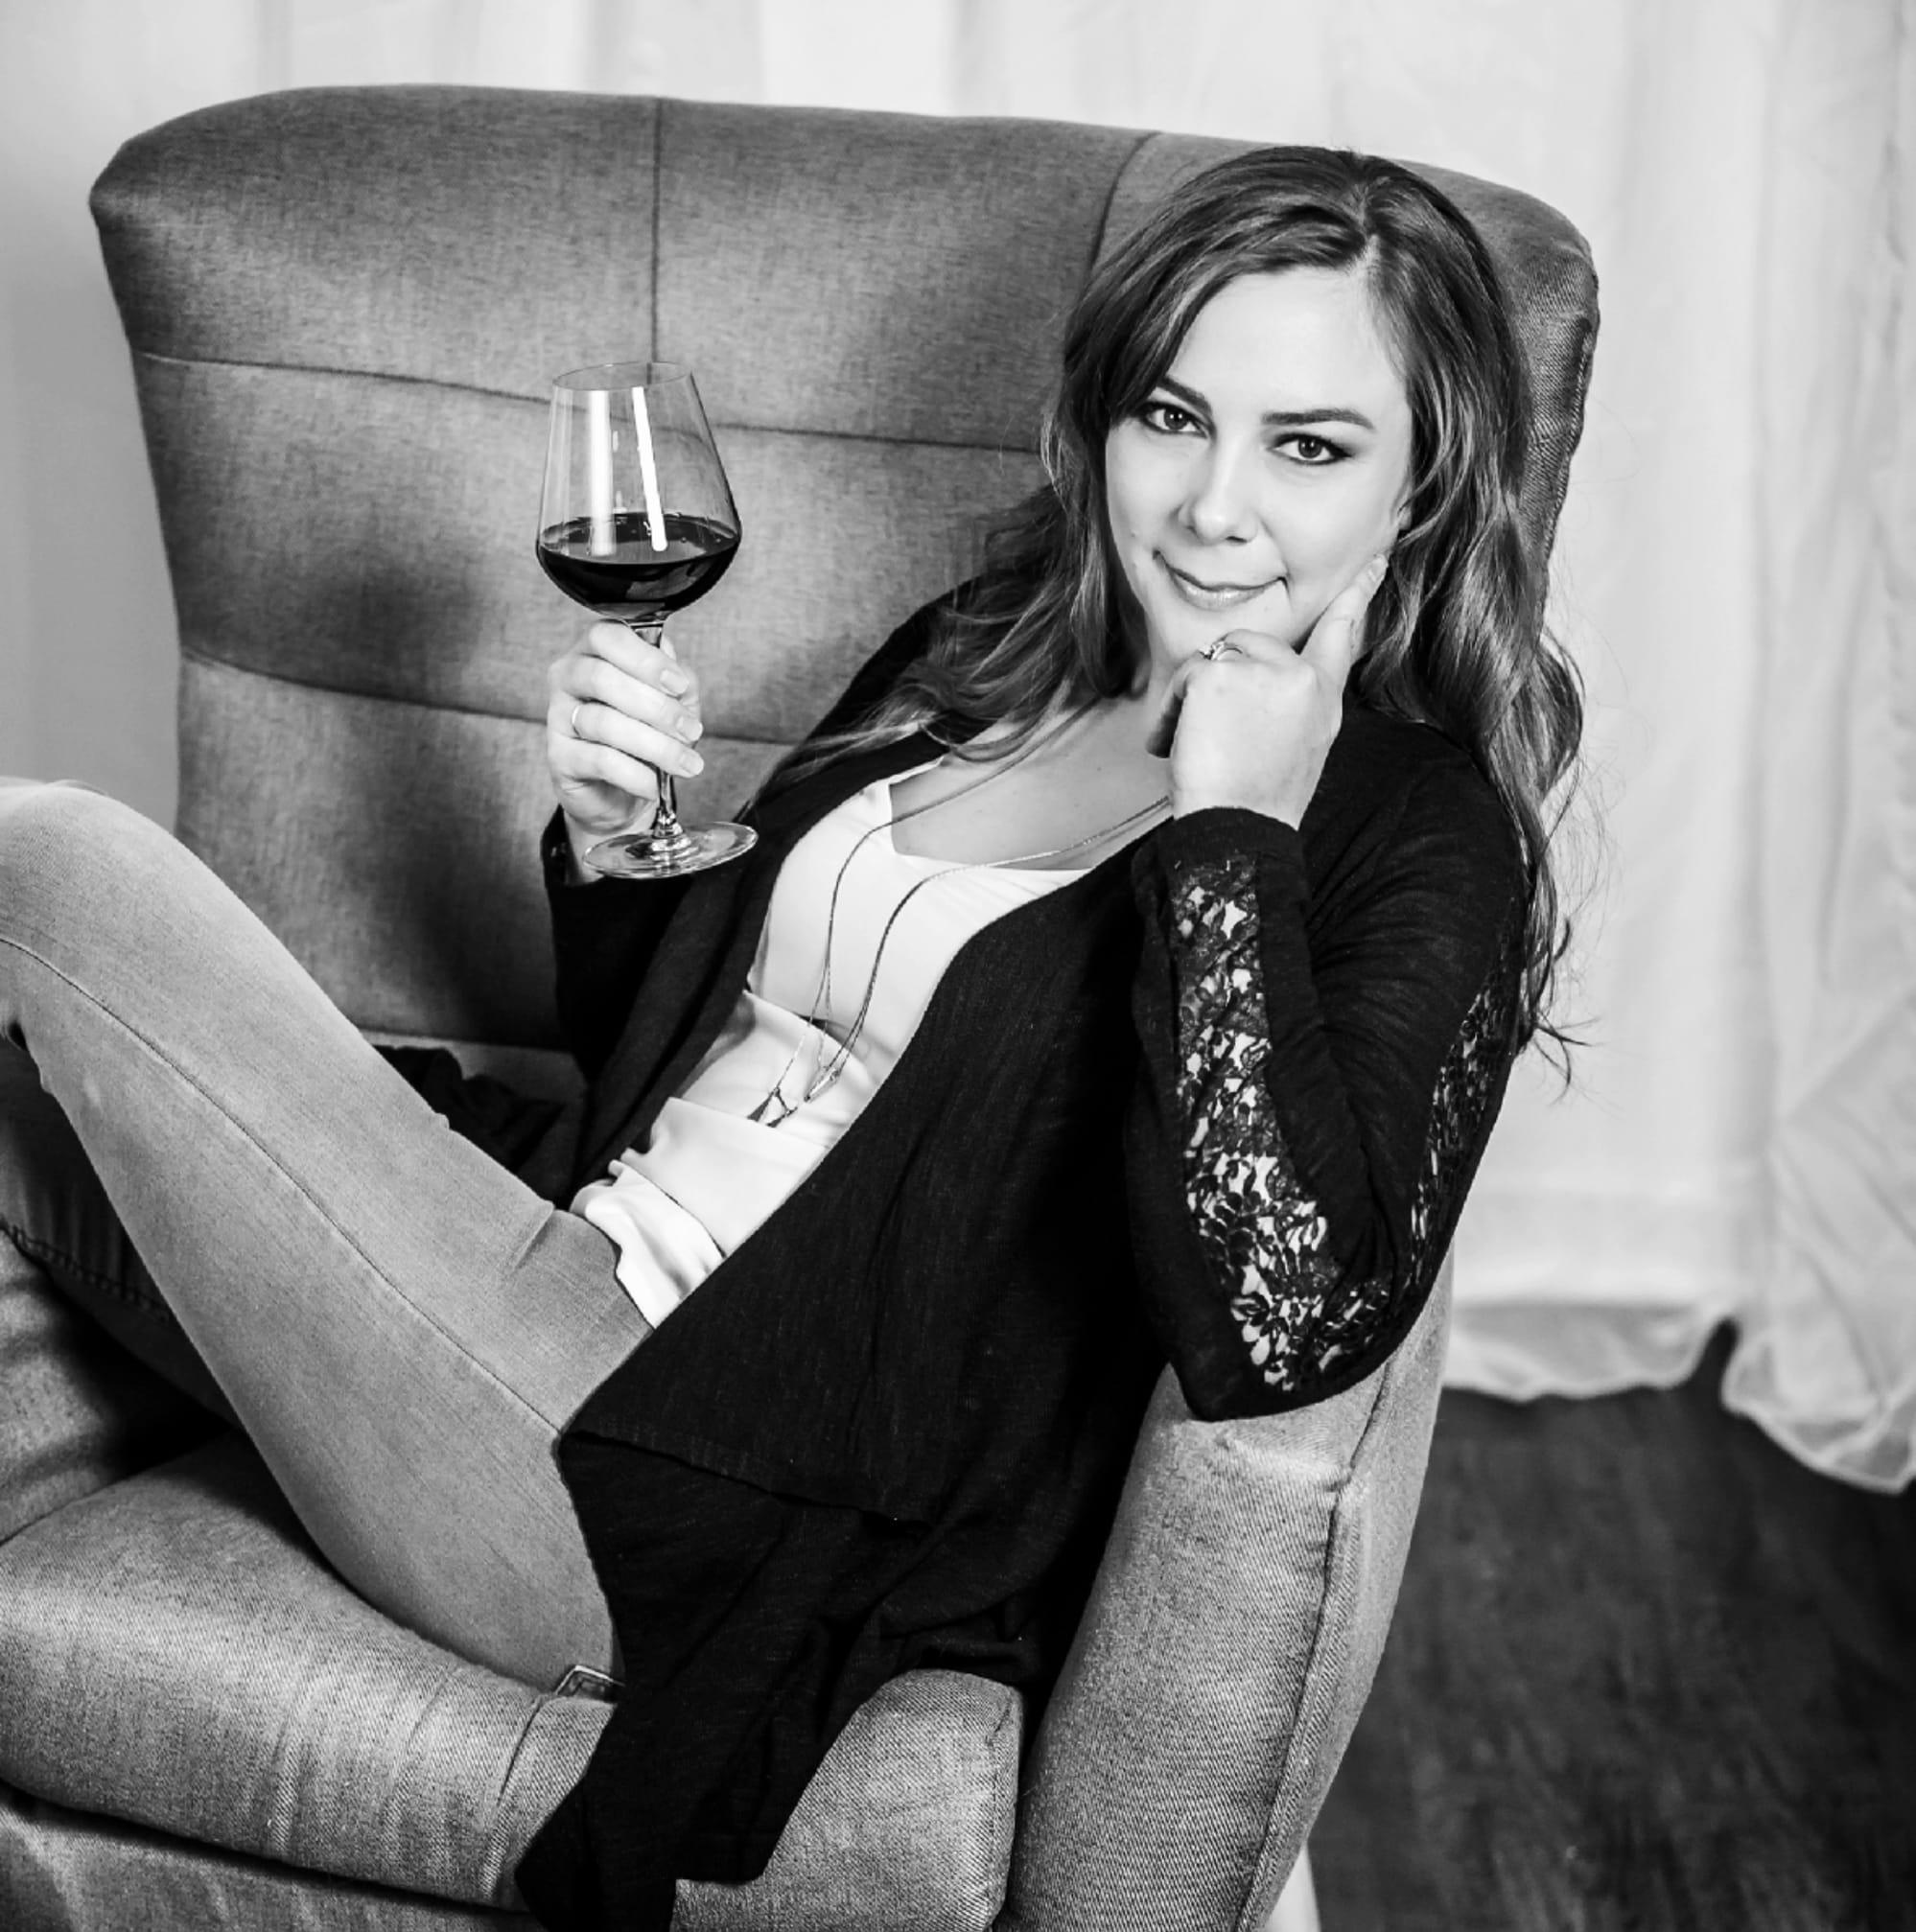 monika-LeFever-wine.jpg